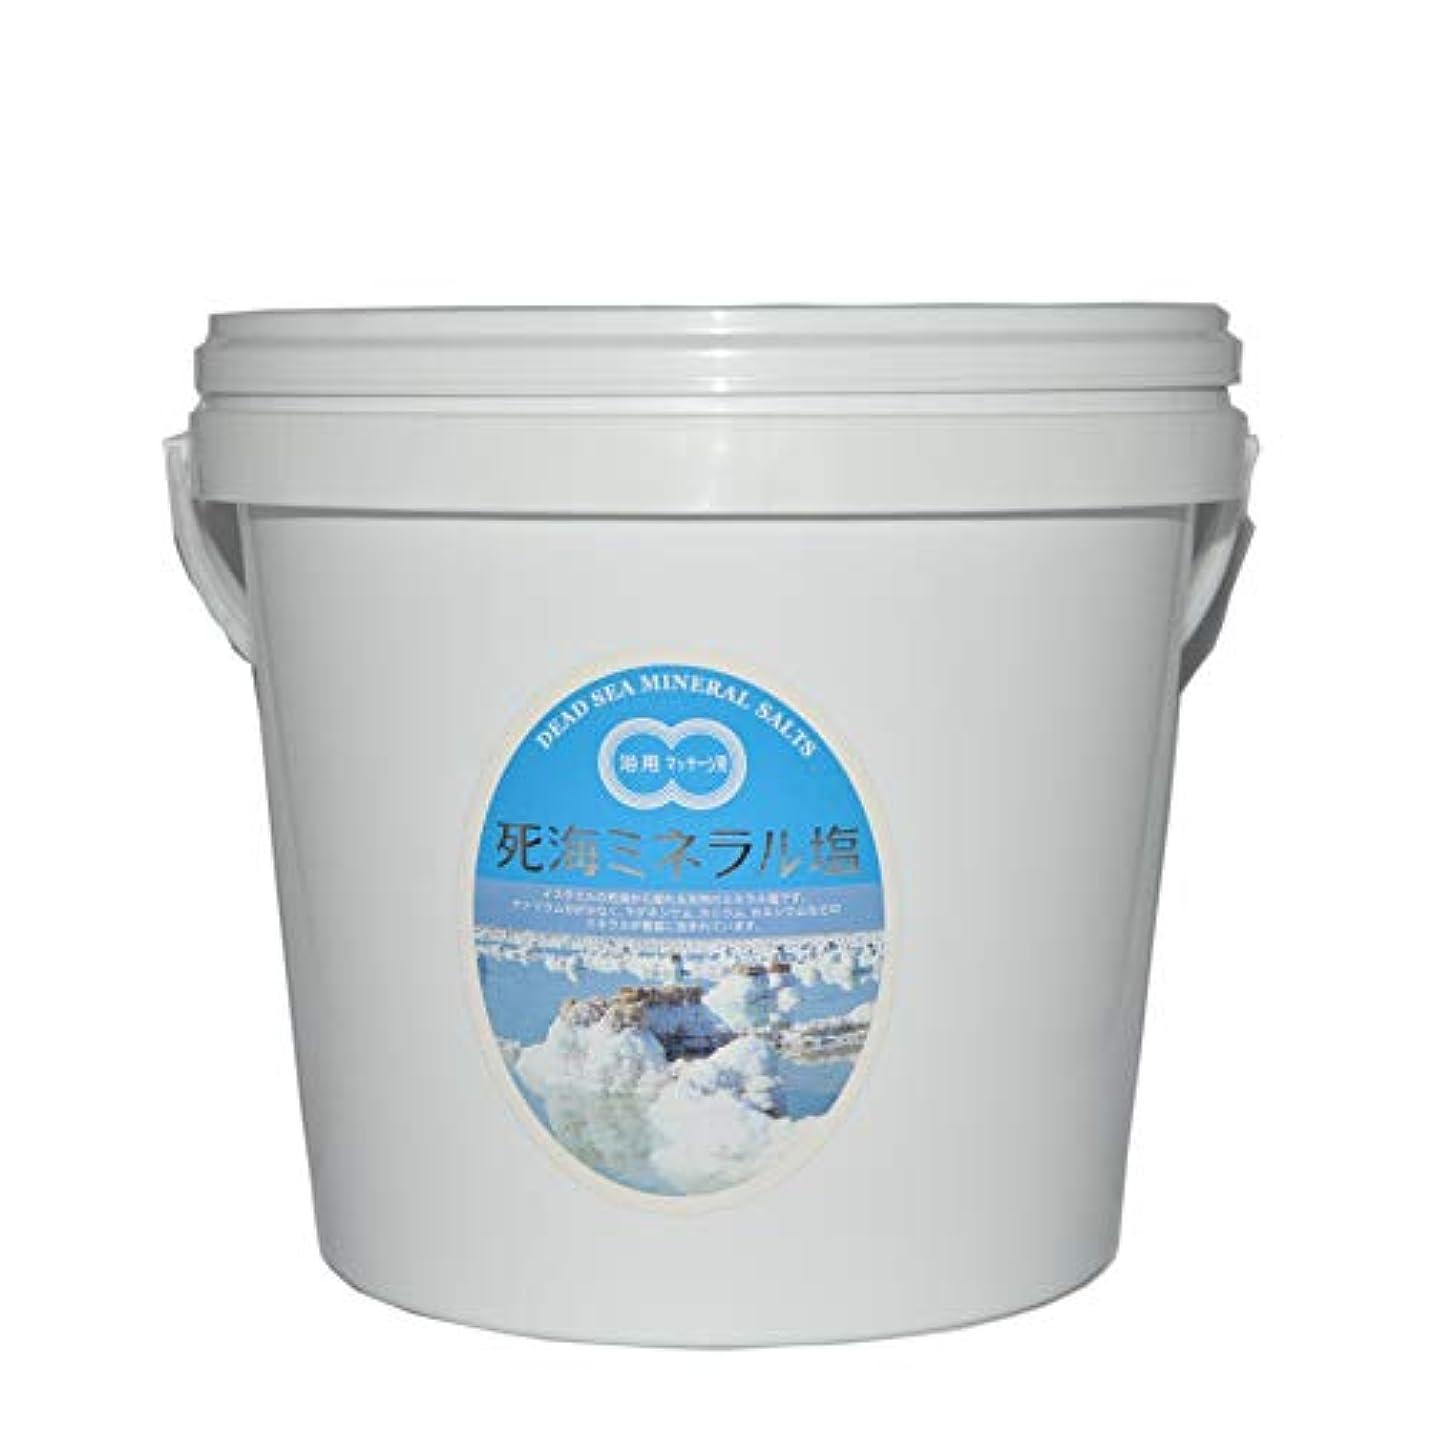 毒土器フック死海ミネラル塩5kgバケツ